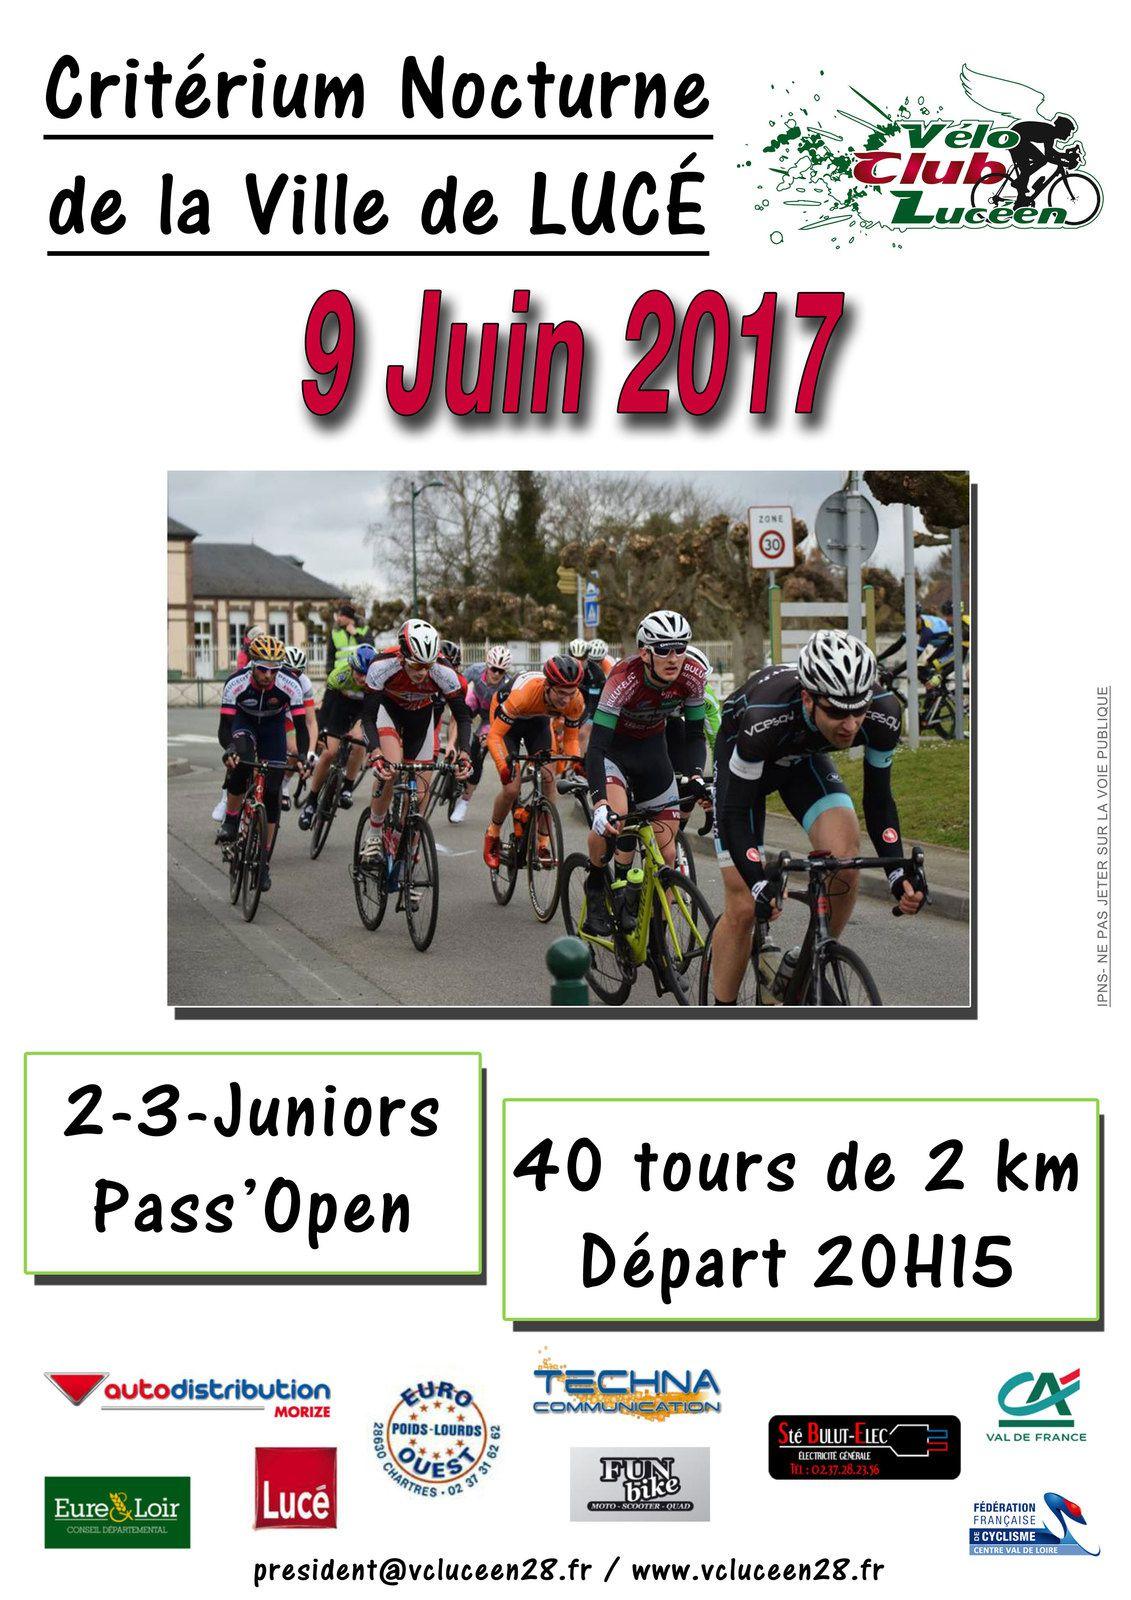 Les critériums en nocturne au mois de juin 2017 en Eure et Loir